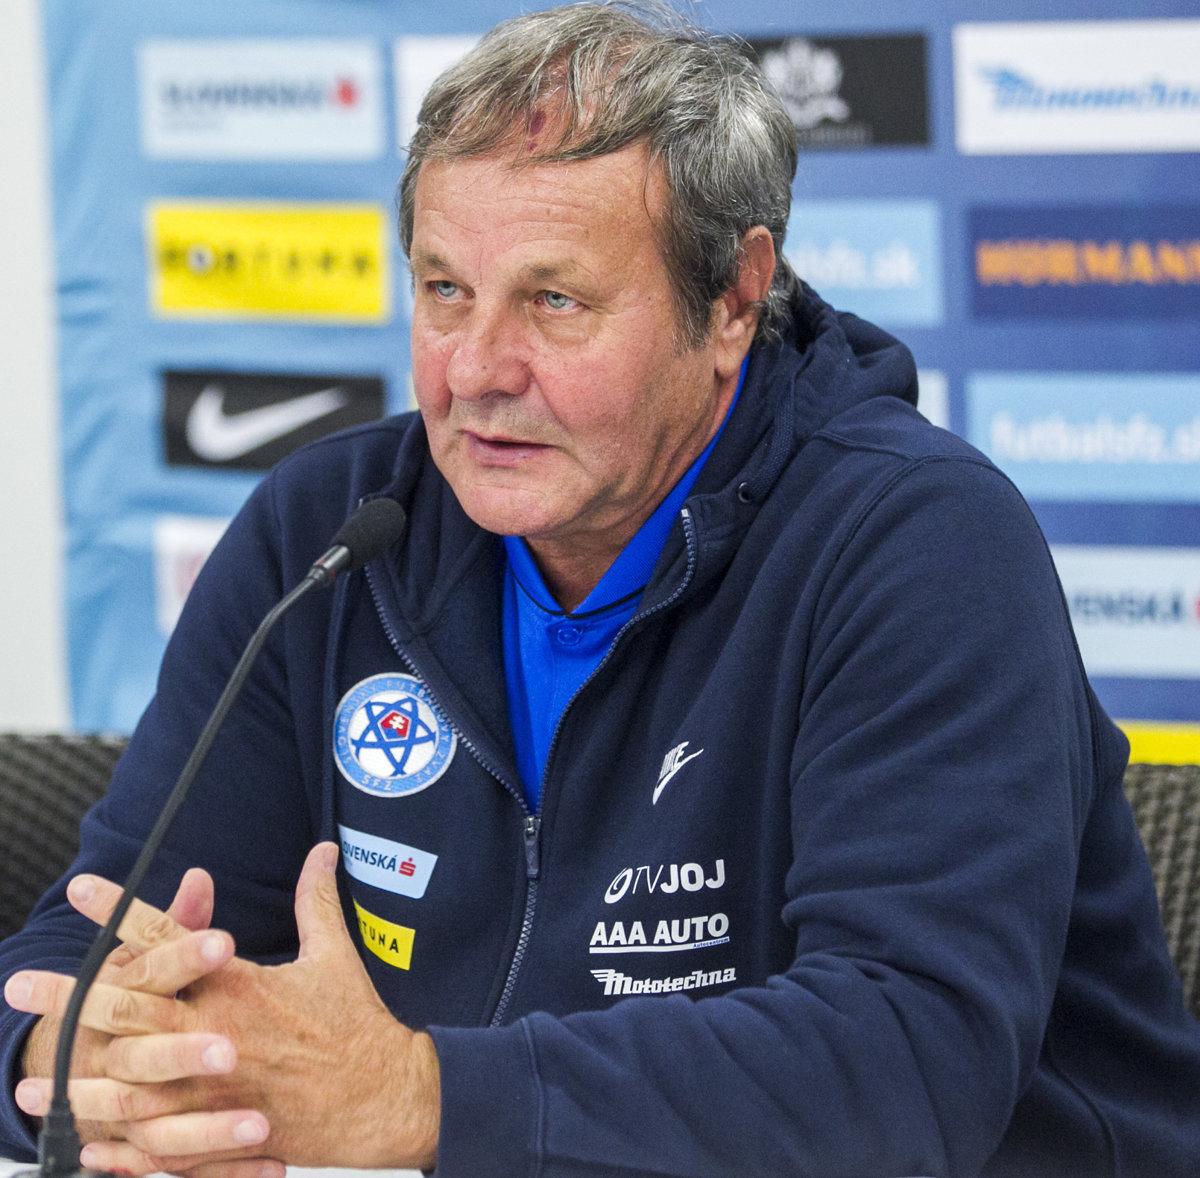 cb8f3543adf77 Ján Kozák nominoval hlavne hráčov zo slovenskej a českej ligy.